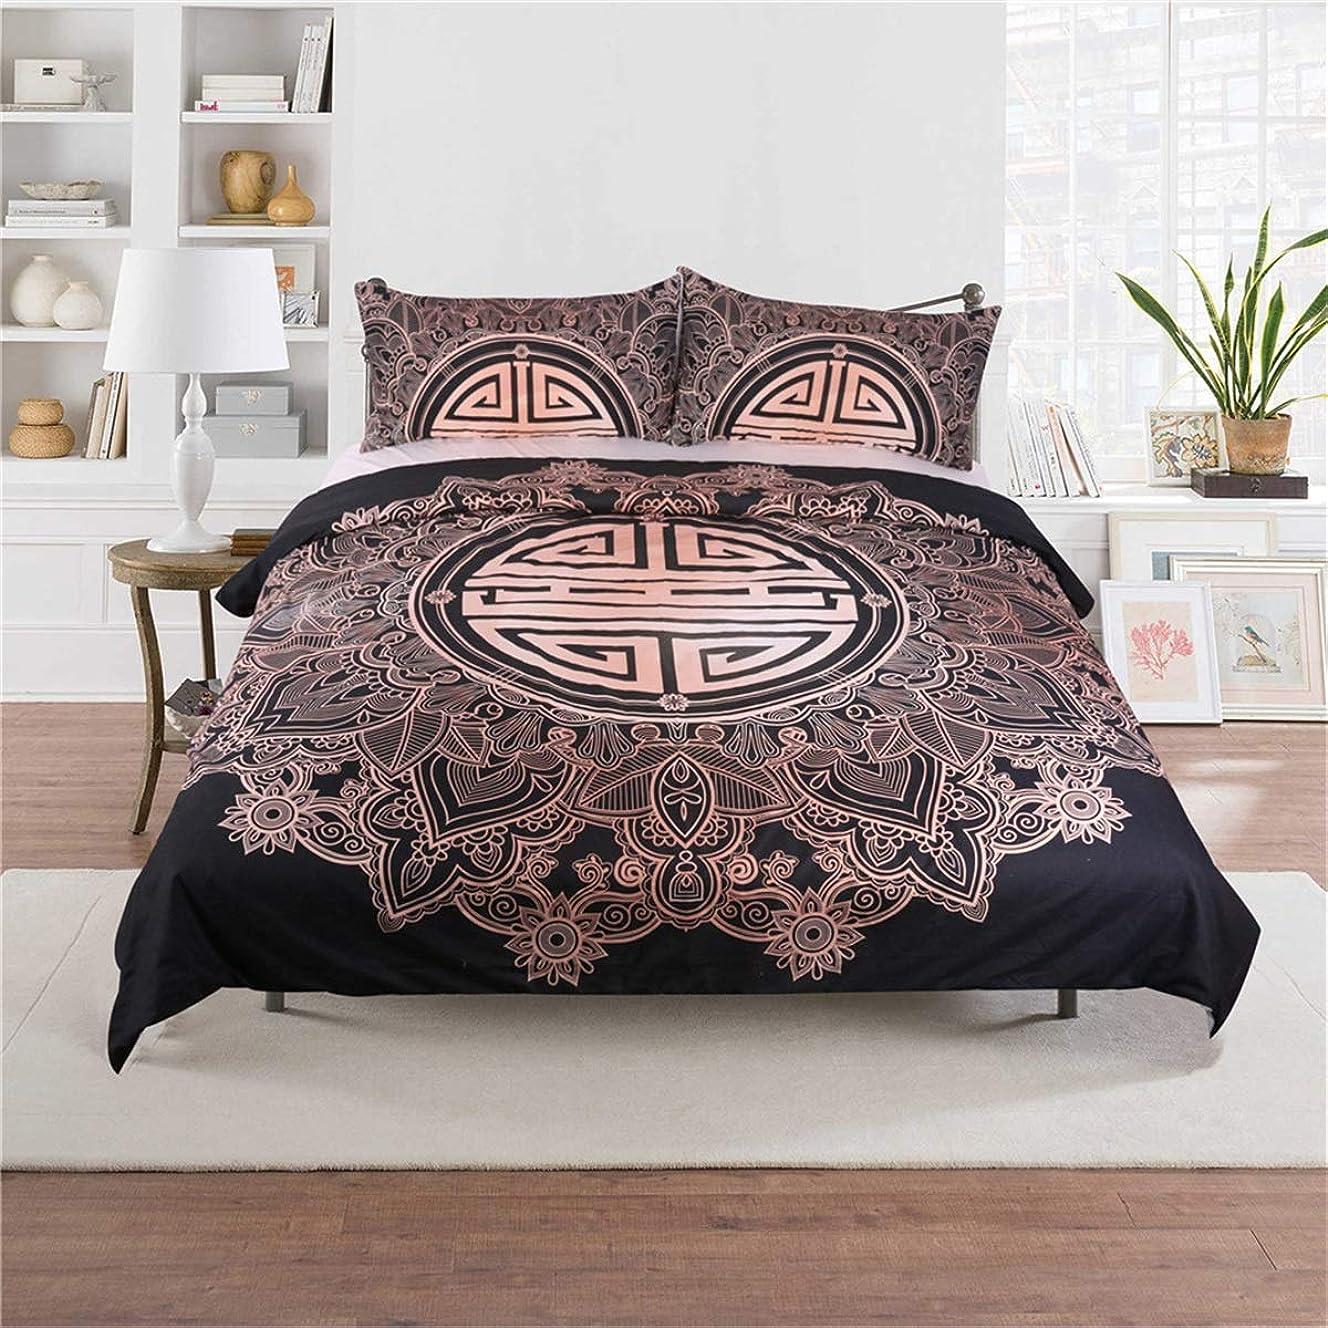 袋リラックスしたメジャーフクロウ風のチャイムブロンズテクスチャの掛け布団カバースリーピースの寝具。 (Size : 210×210)